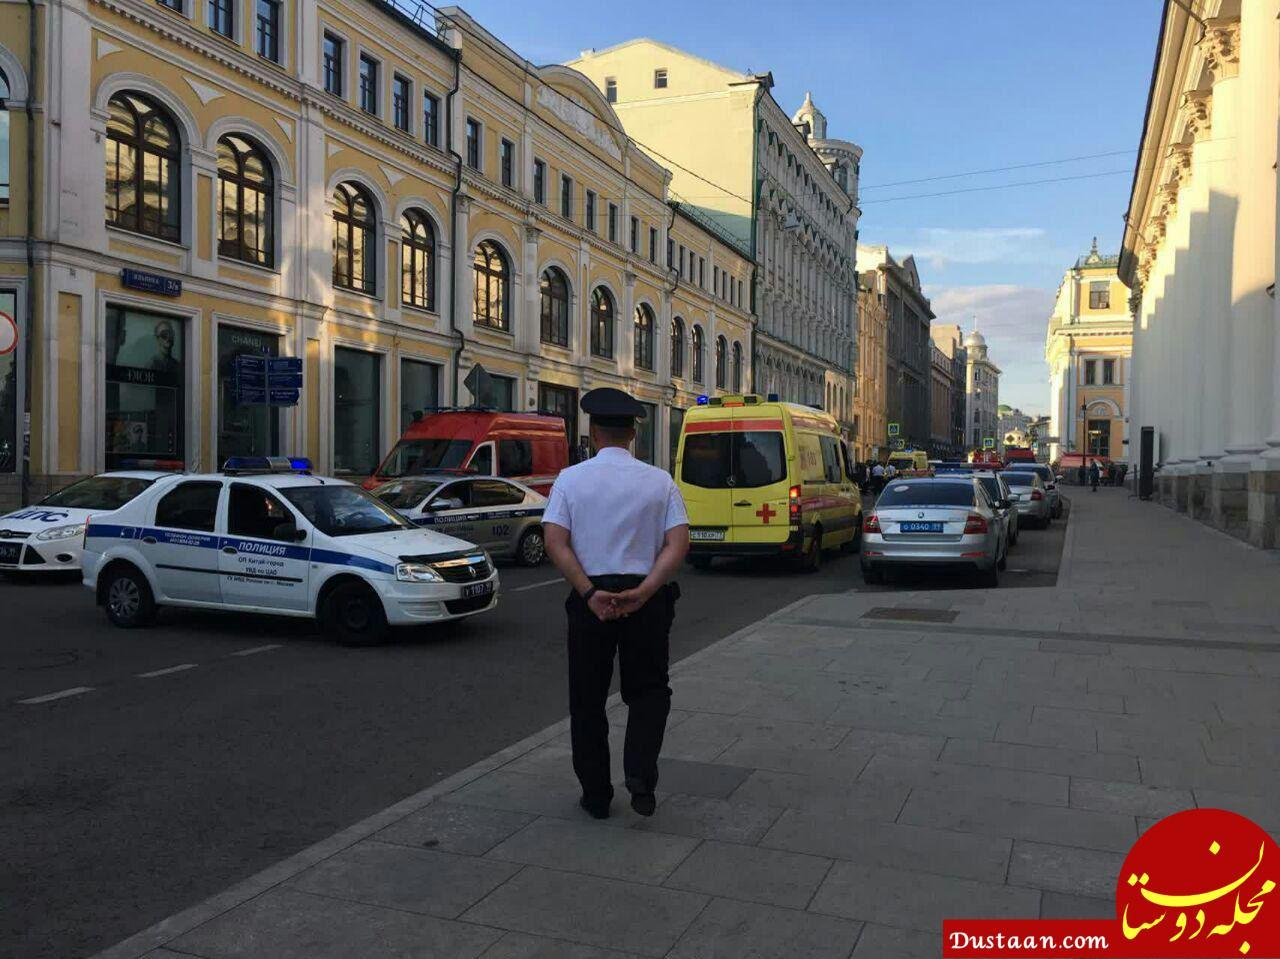 www.dustaan.com تصادف تاکسی در مسکو تروریستی نبود